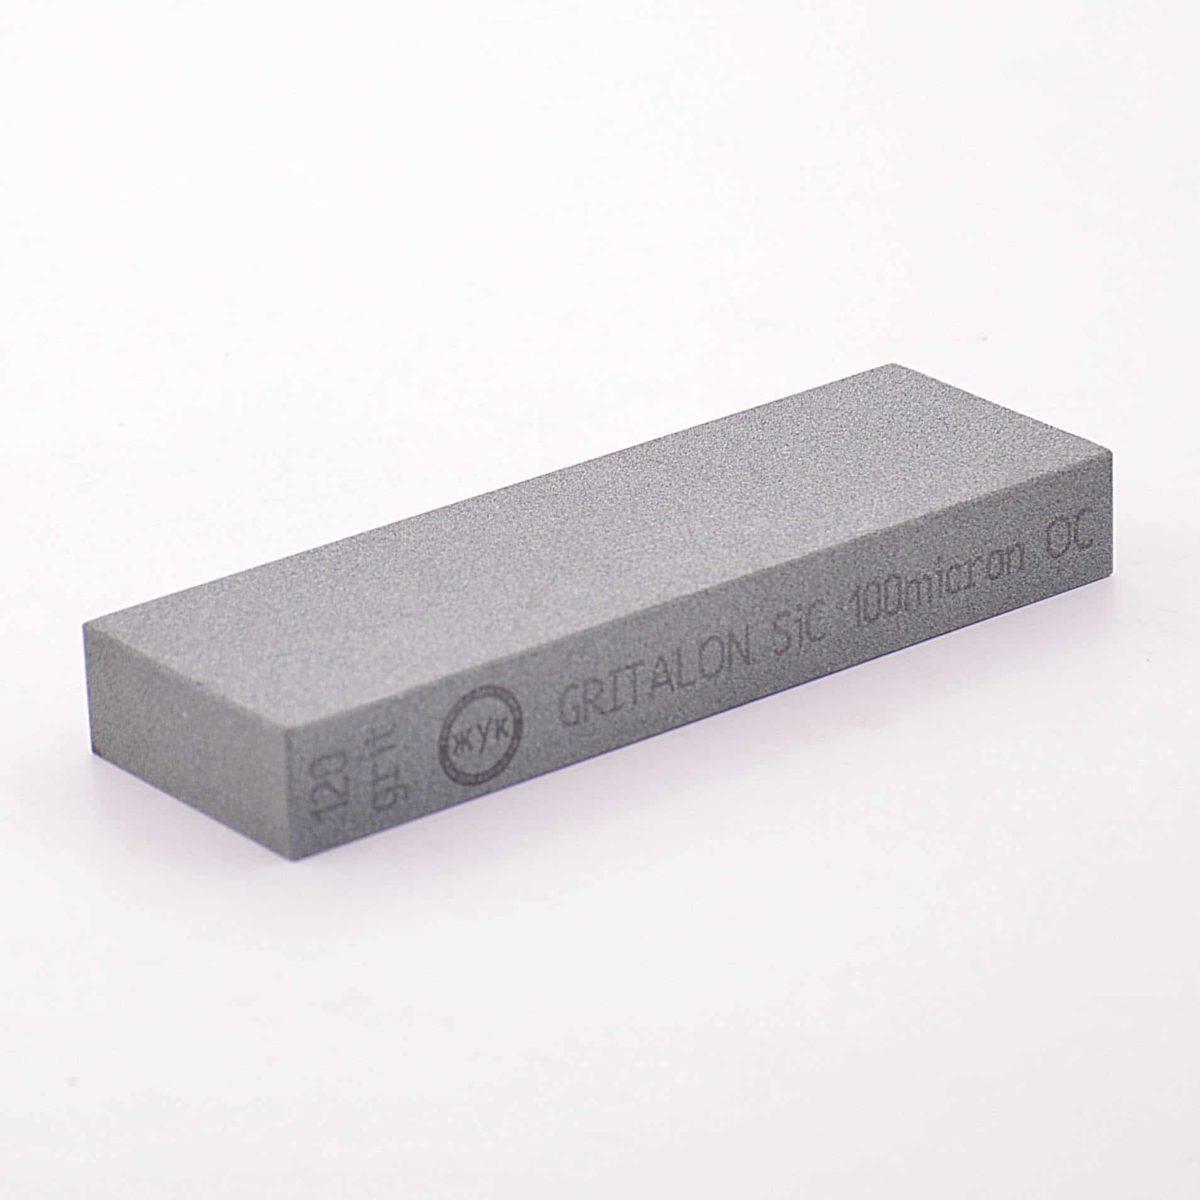 Абразивный брусок GRITALON 120 грит 150х50х20мм (KK)